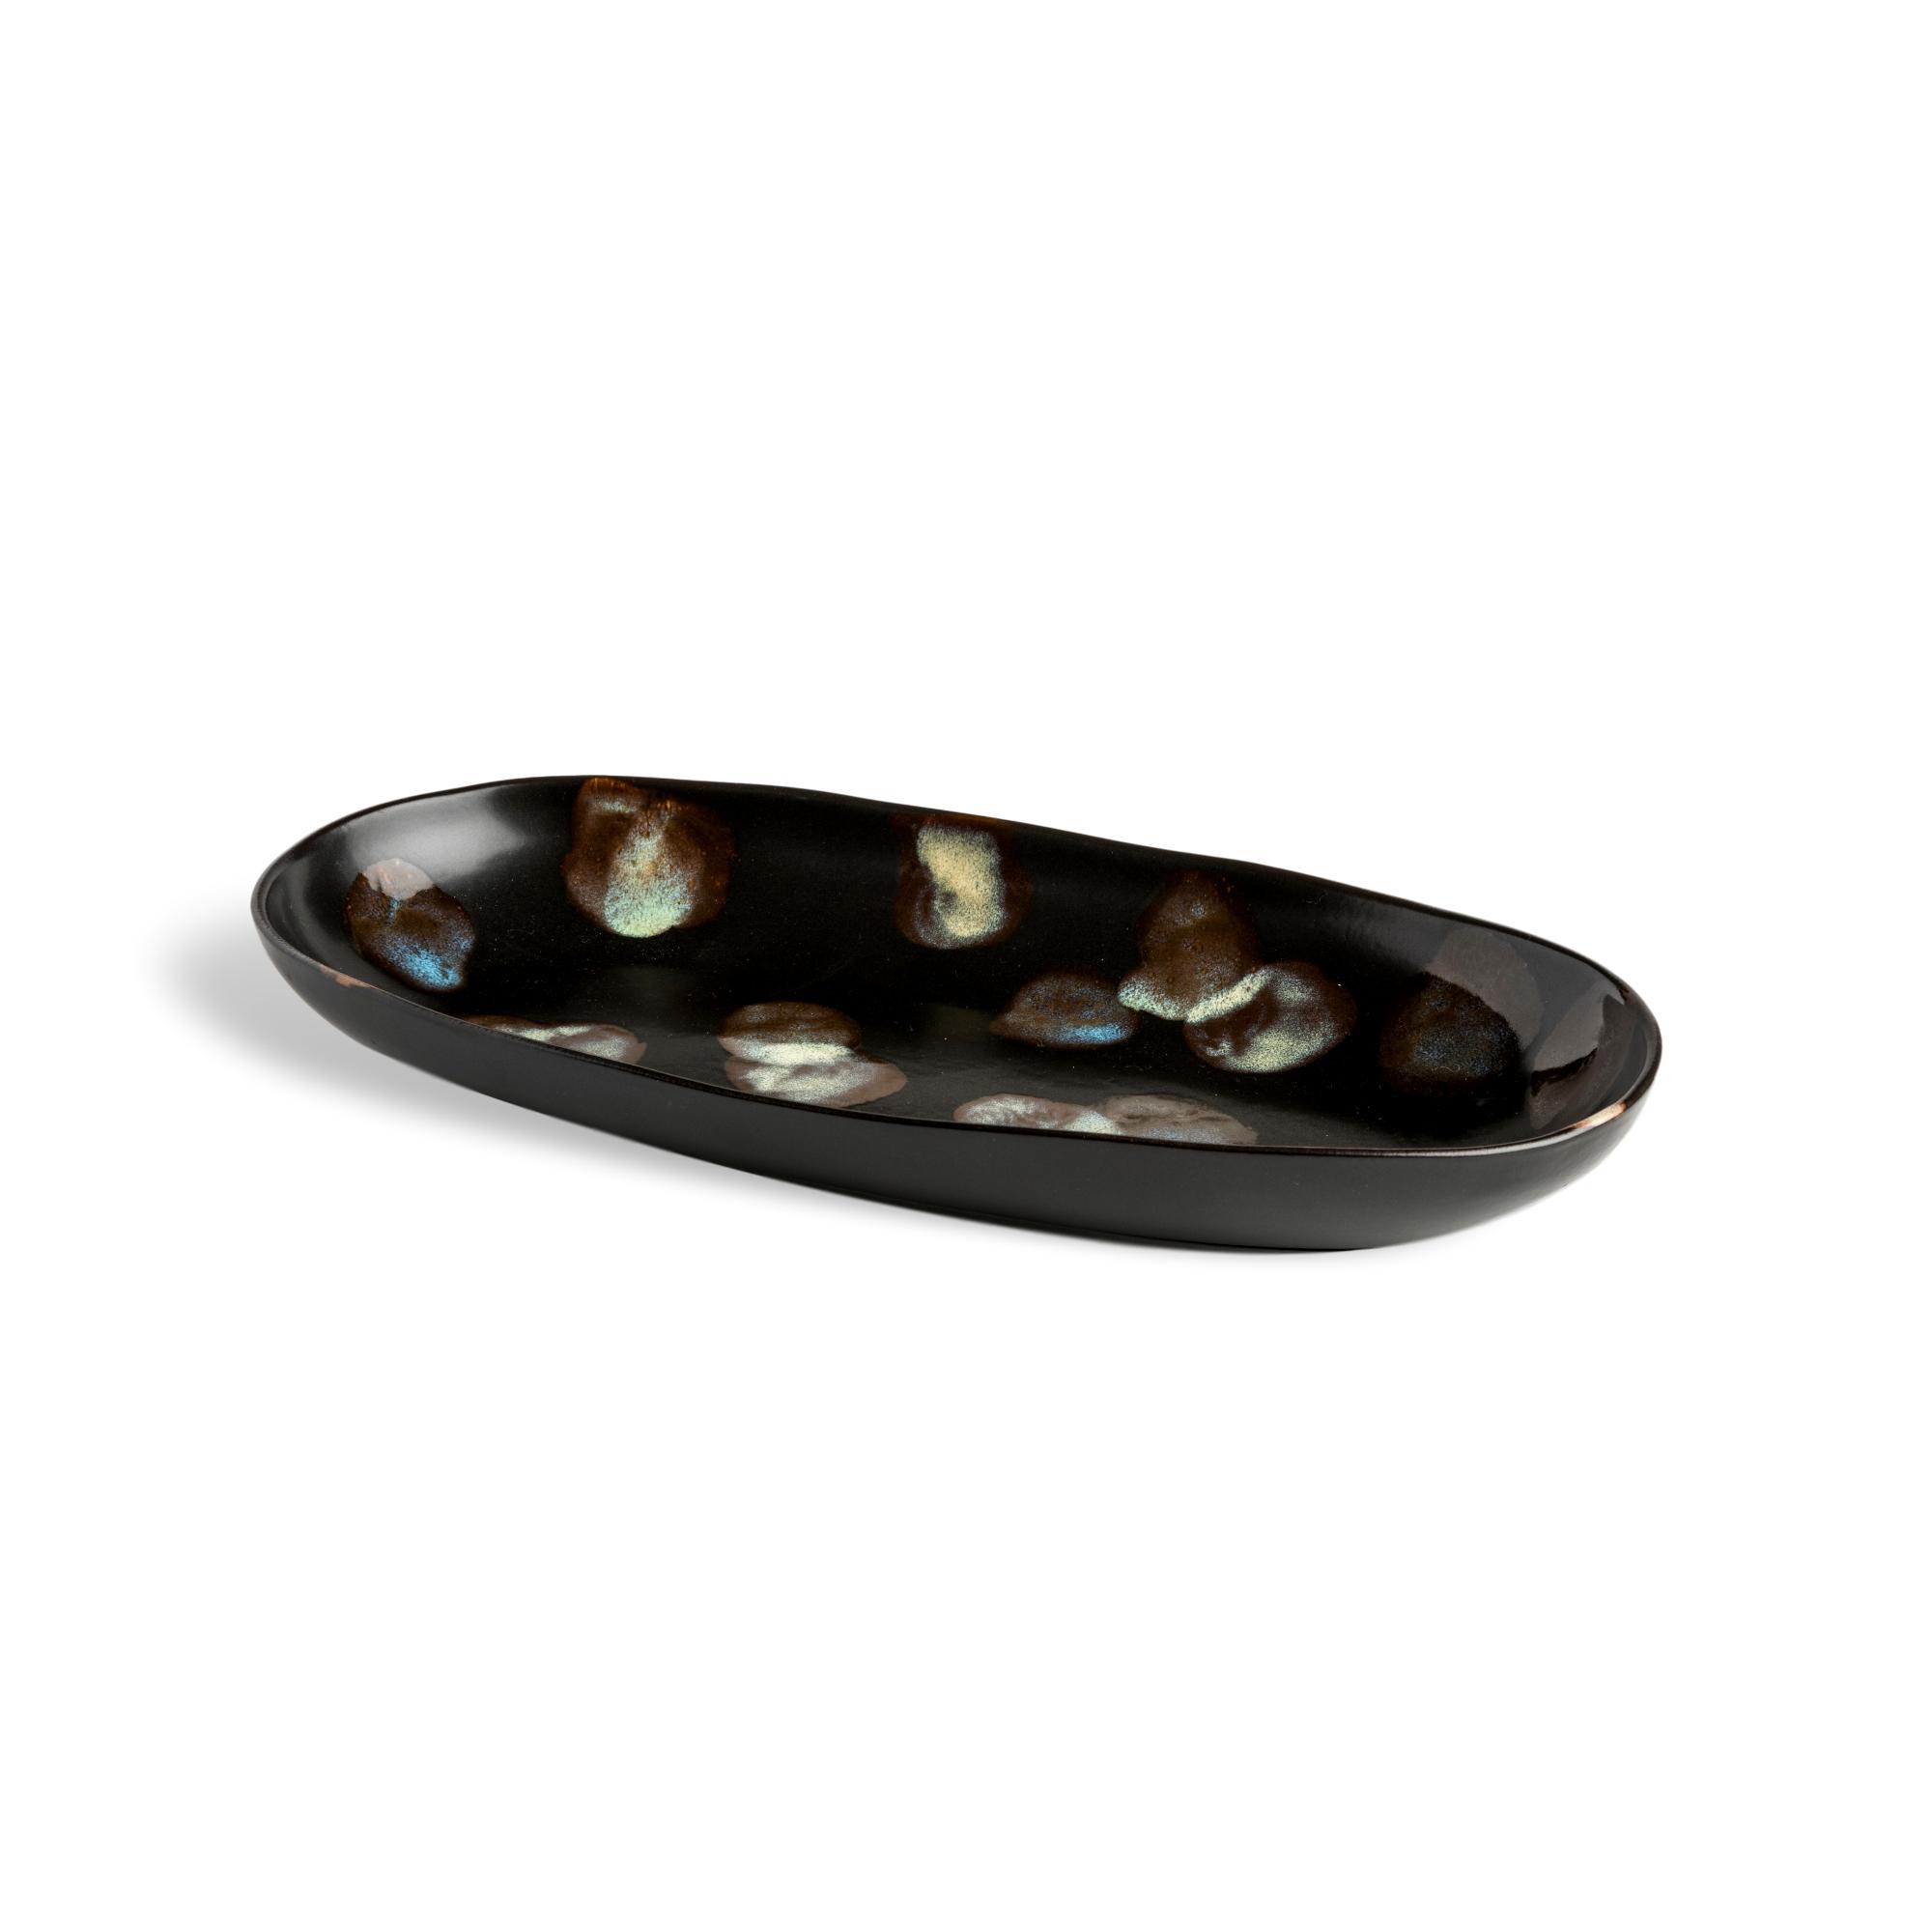 Carmel Ceramica Dappled Medium Oval Platter